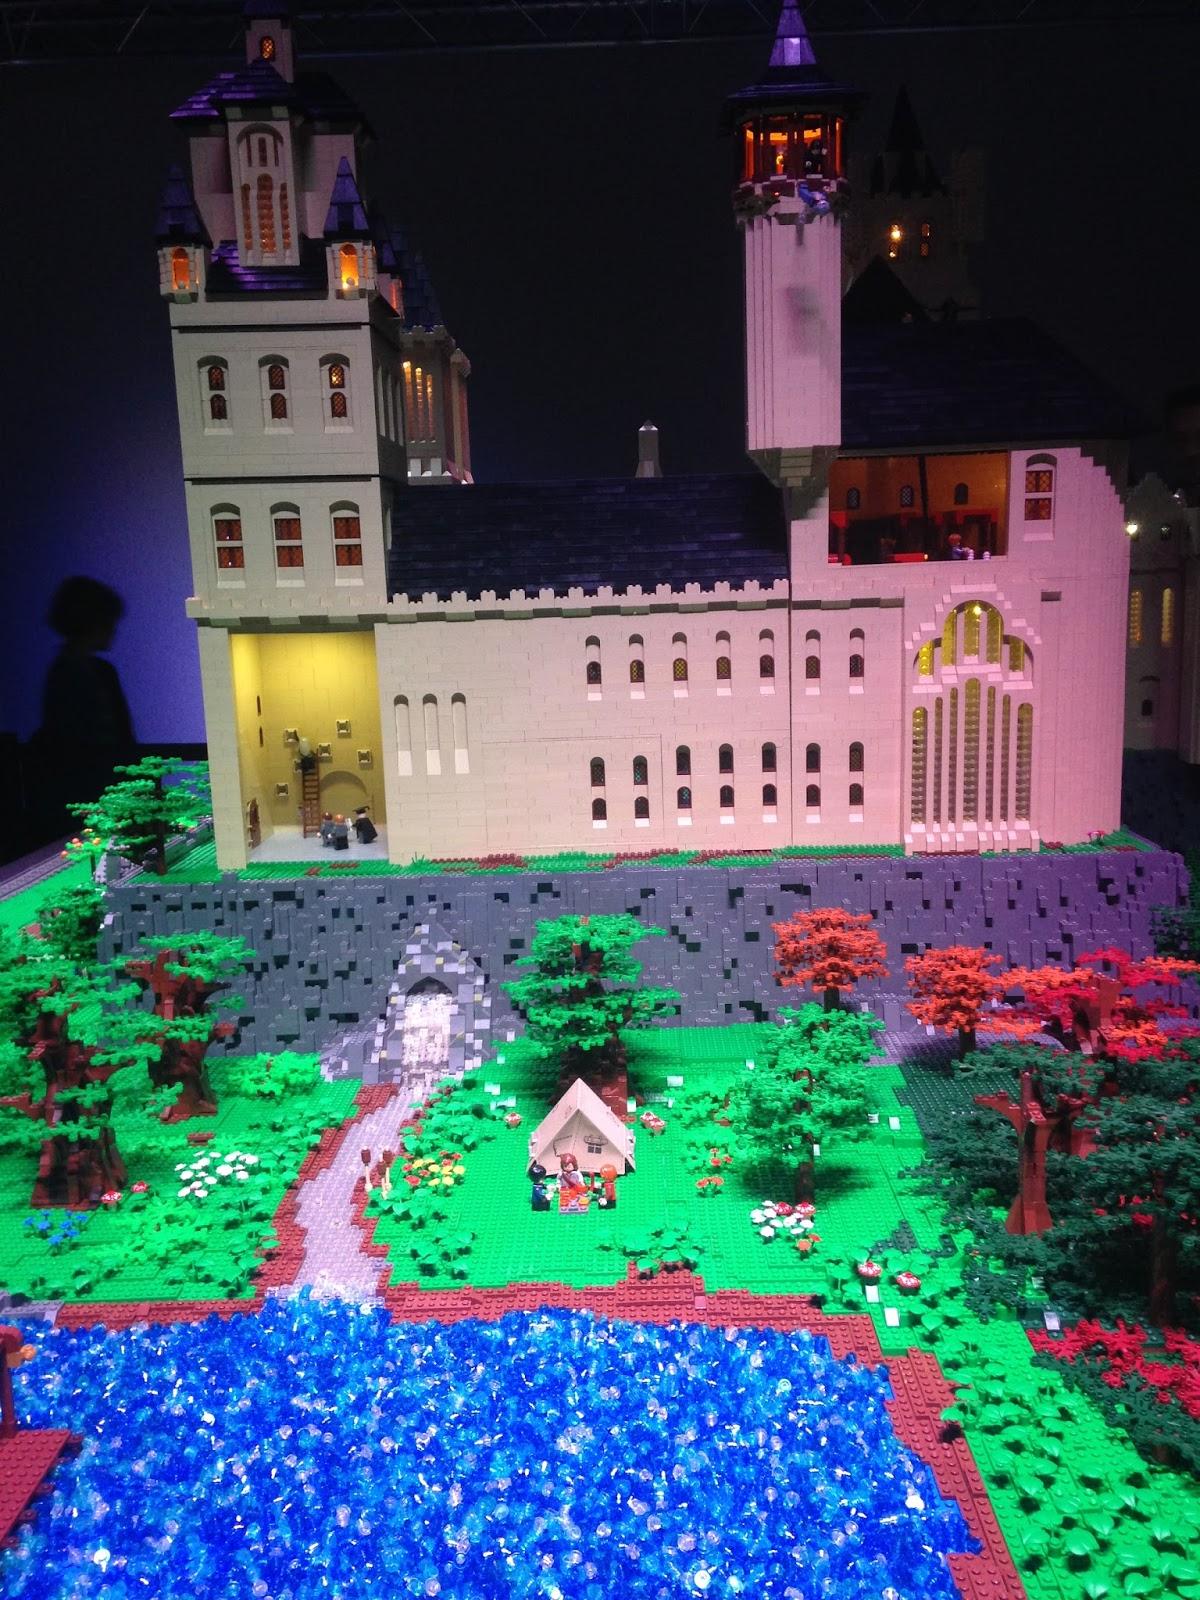 Lego, château de Poudlard (Harry Potter)